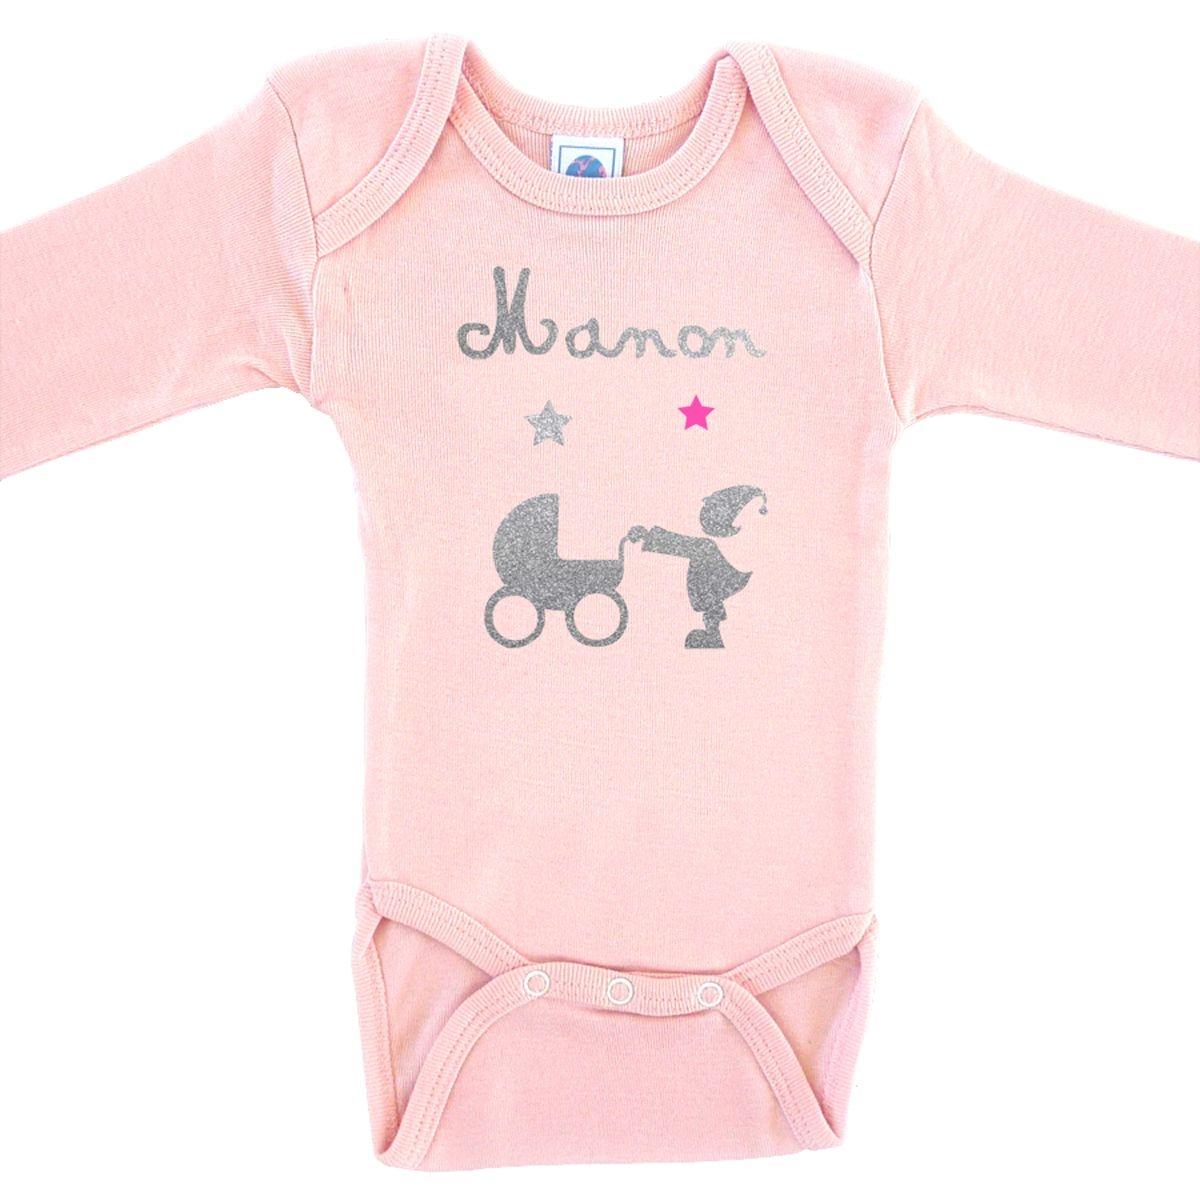 Body bébé prénom en coton manches longues rose